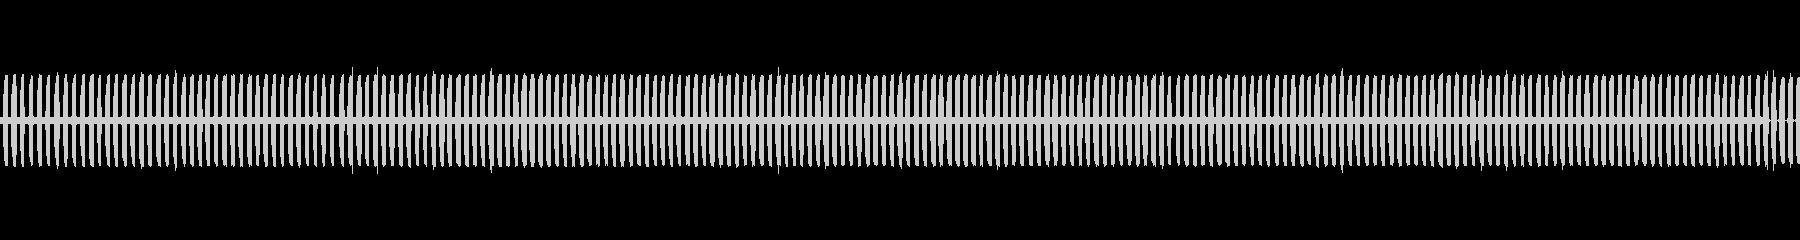 ツヅレサセコオロギの鳴き声2(loop)の未再生の波形